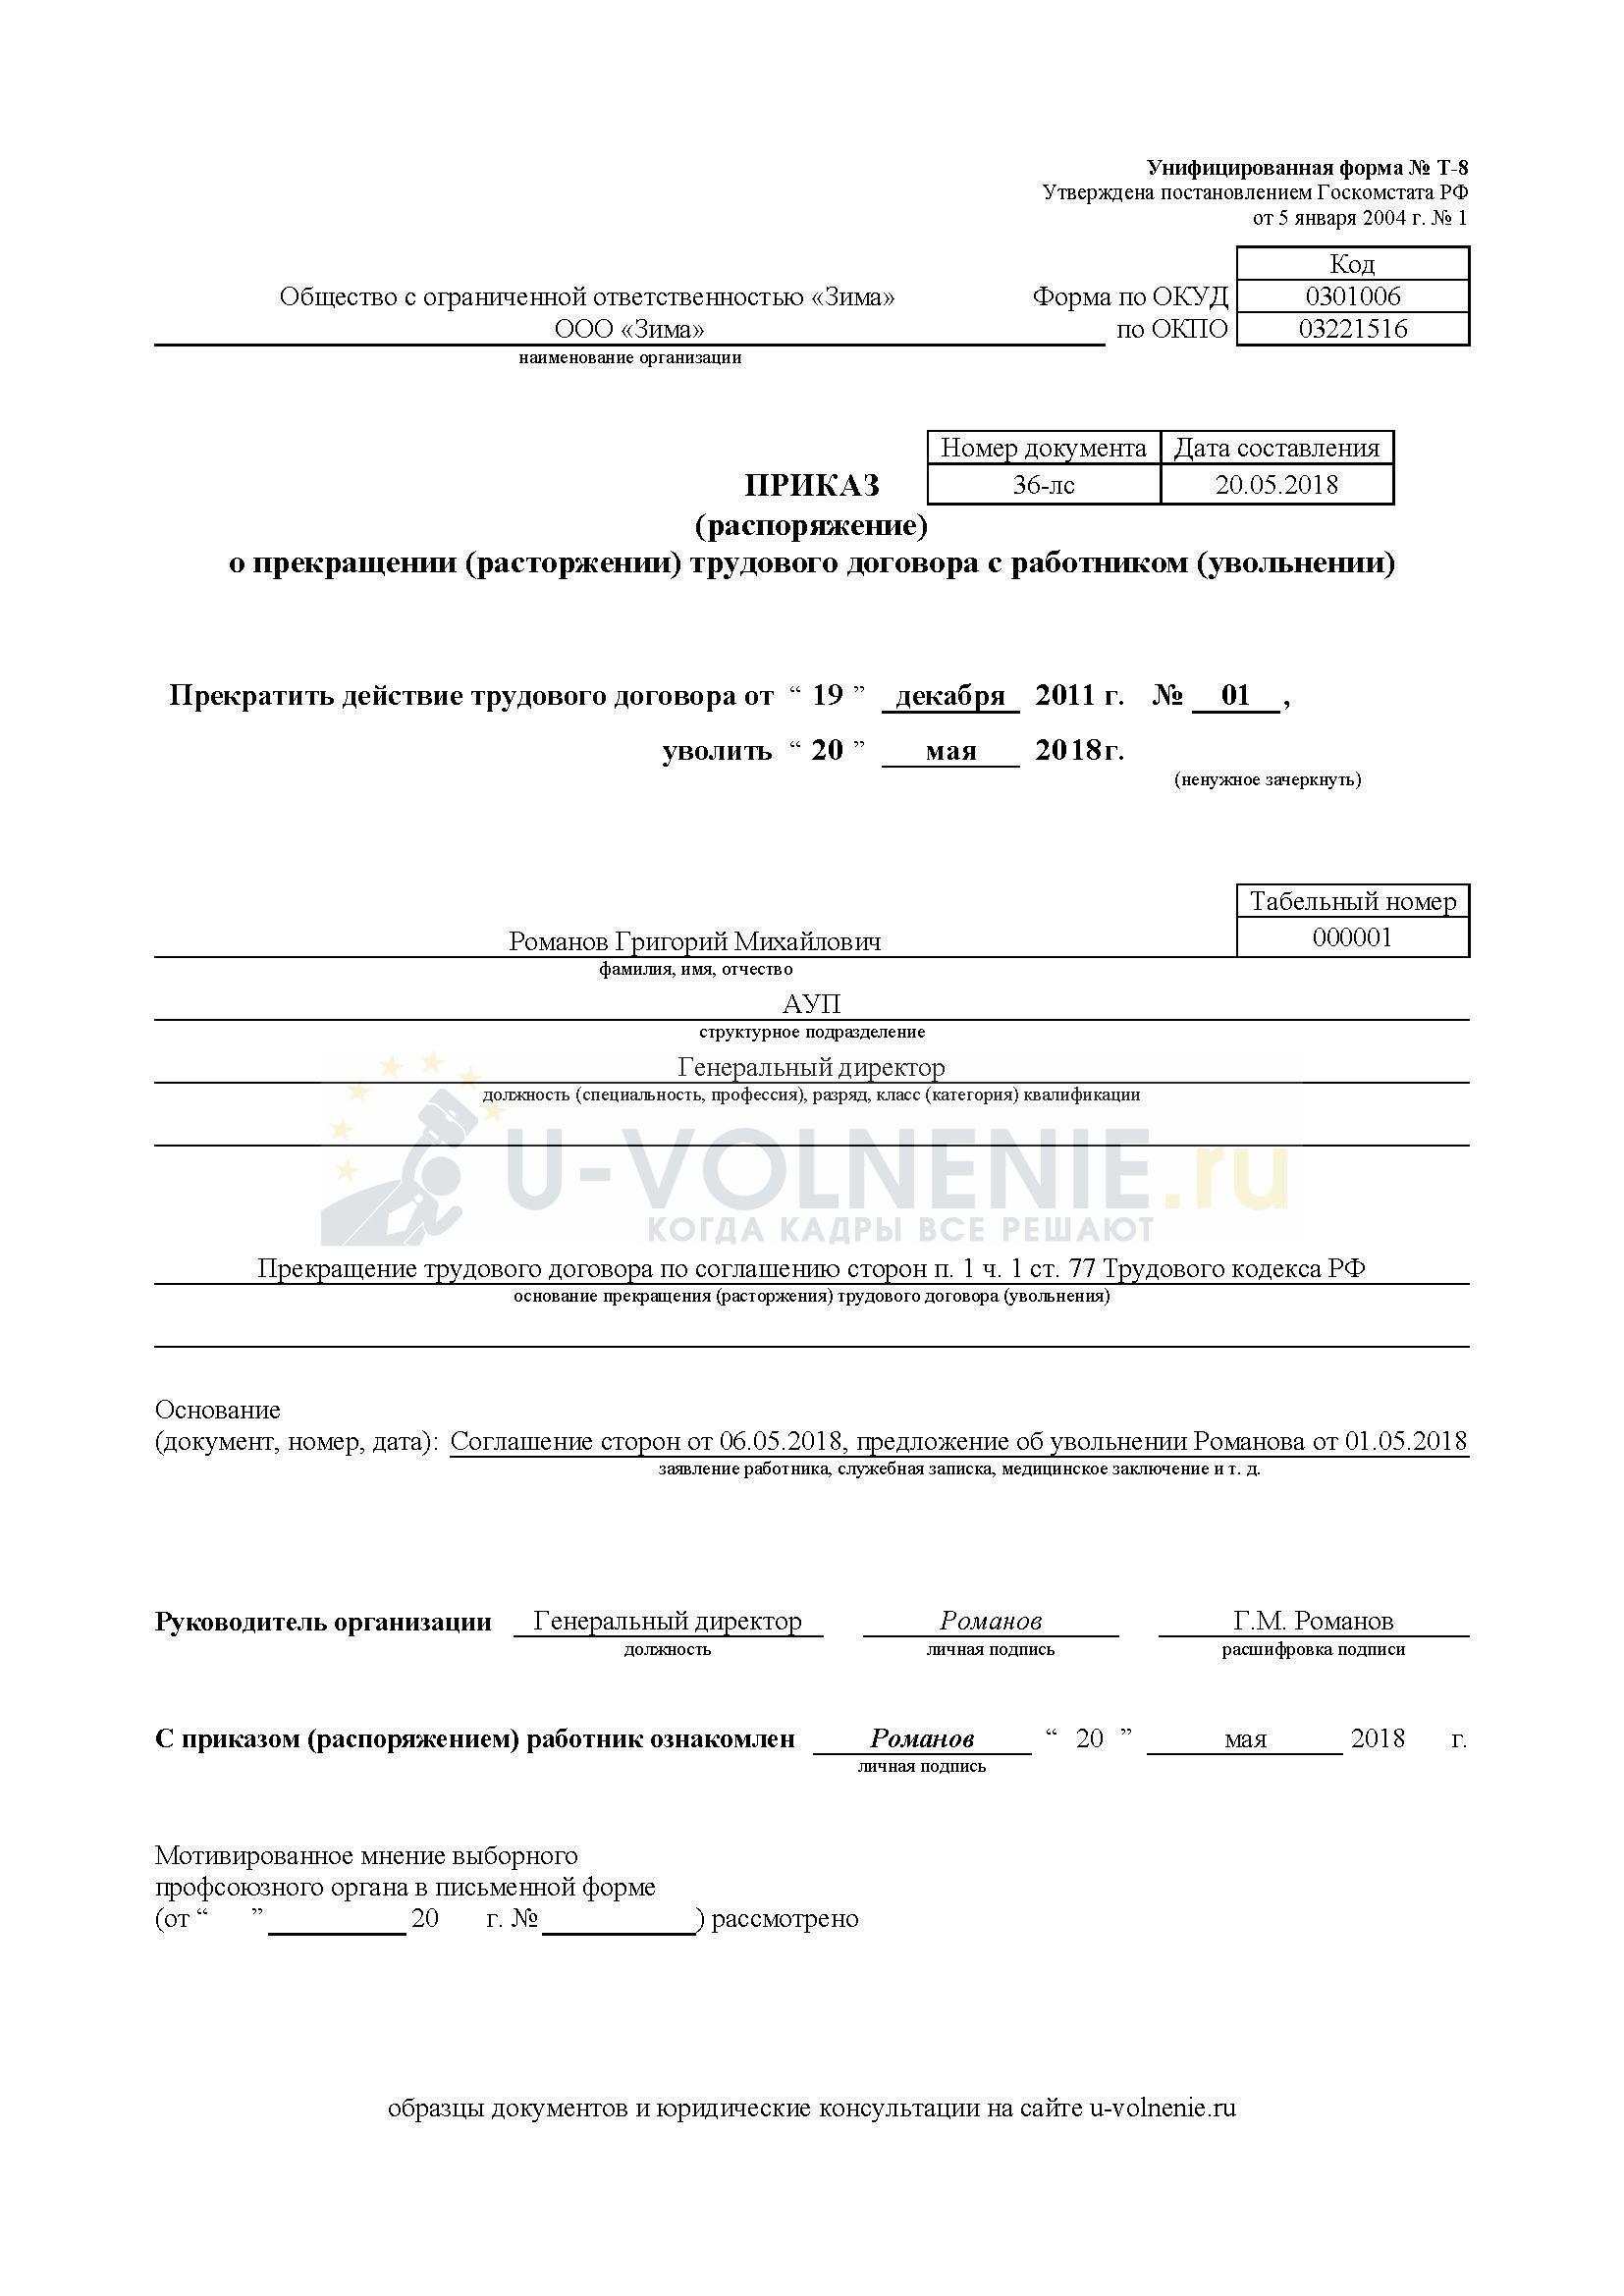 Образец приказа об увольнении директора по соглашению